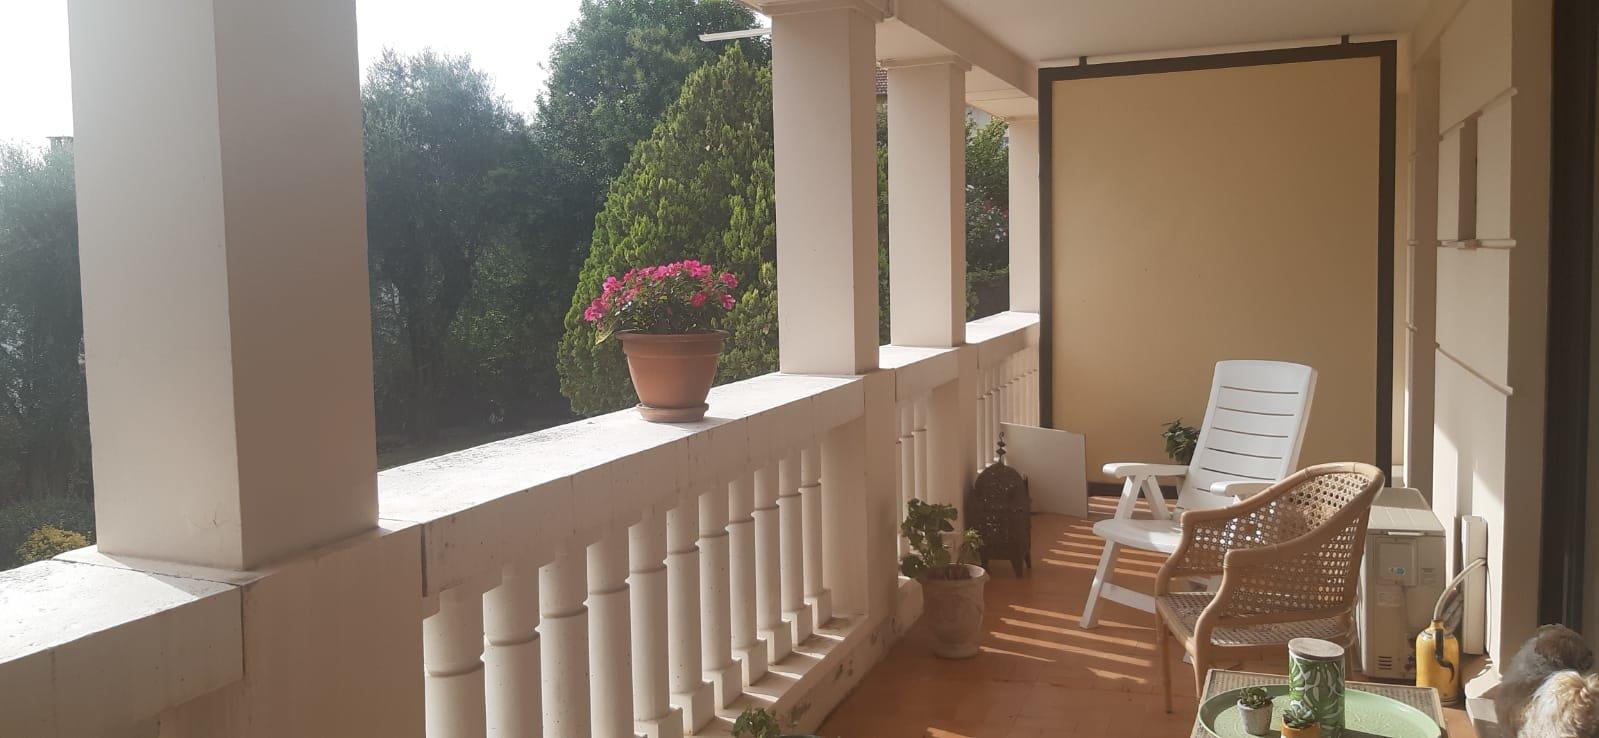 Appartement 4 pièces, 180 m2 de rez de jardin